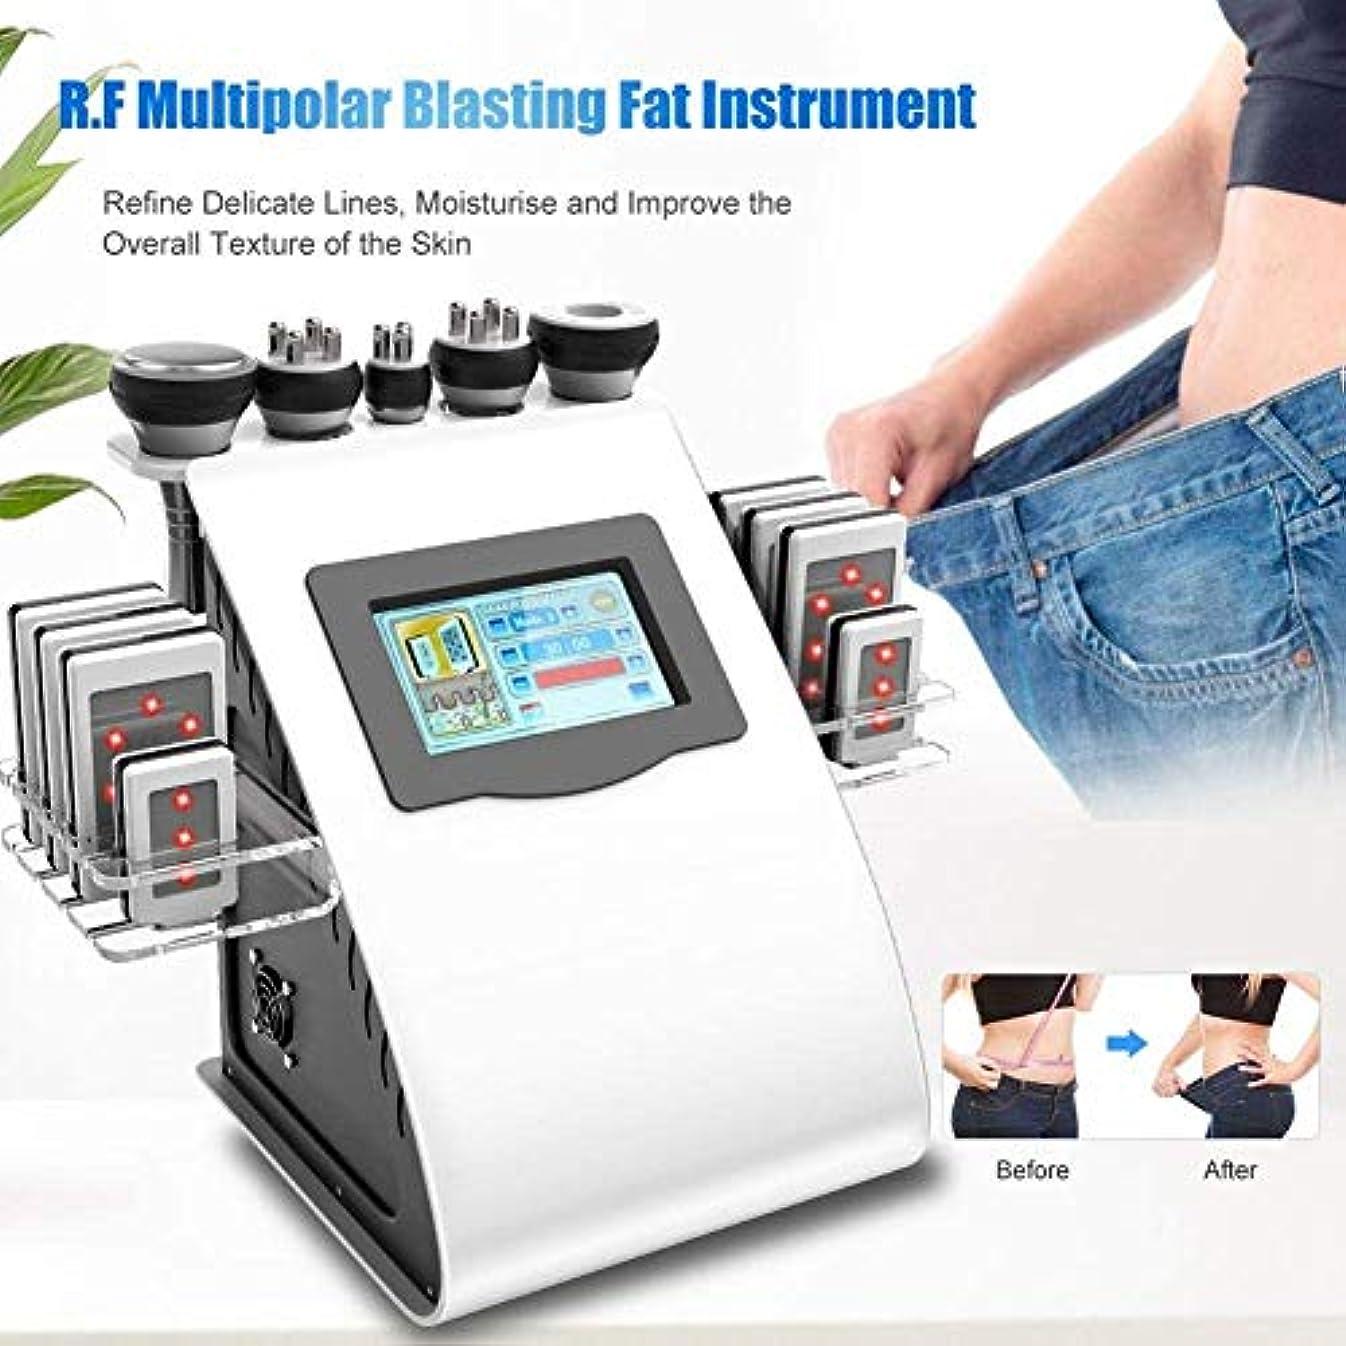 糸カーペットに対して5 in 1 ボディシェイピング 脂肪燃焼 機械、 美人 ケア デバイス マッサージャー、 プロ 顔と体 Slim身 処理 デバイス 機械